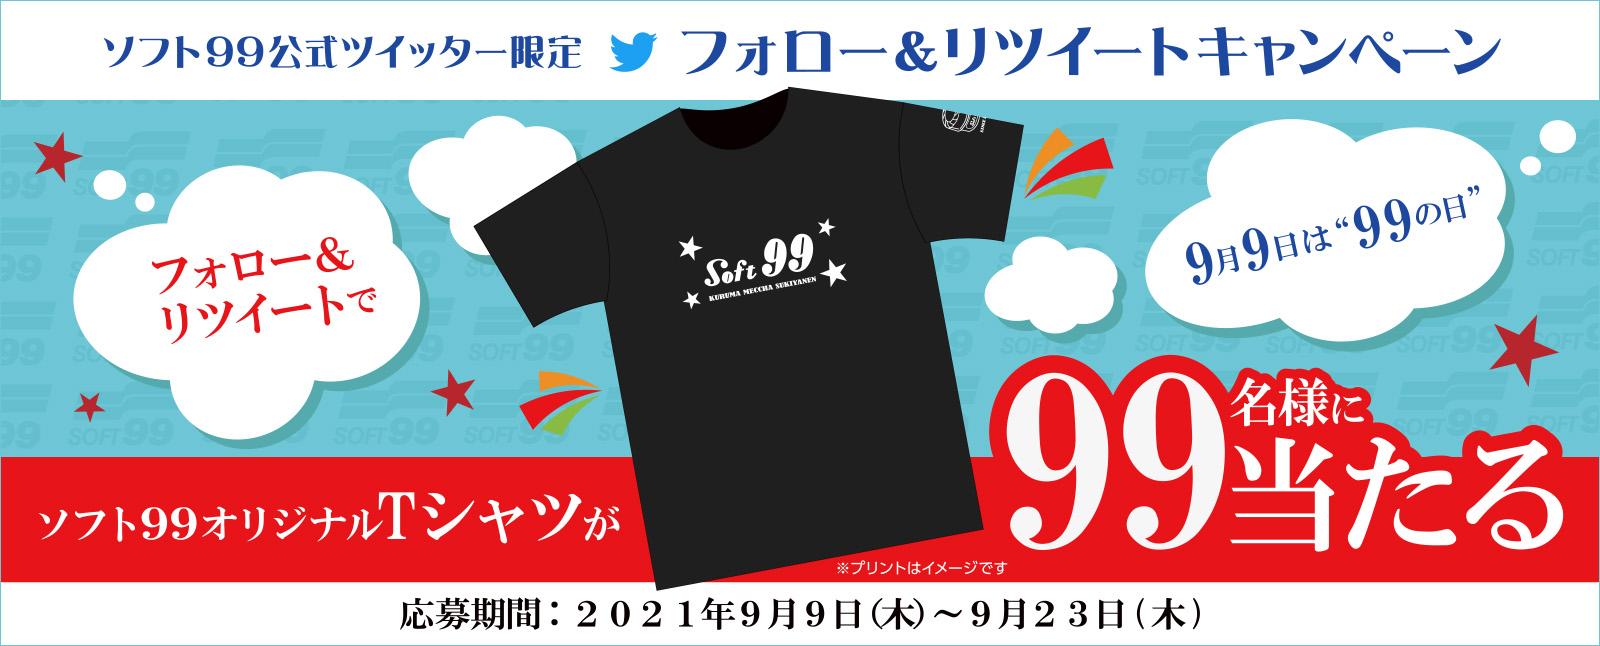 99の日キャンペーン